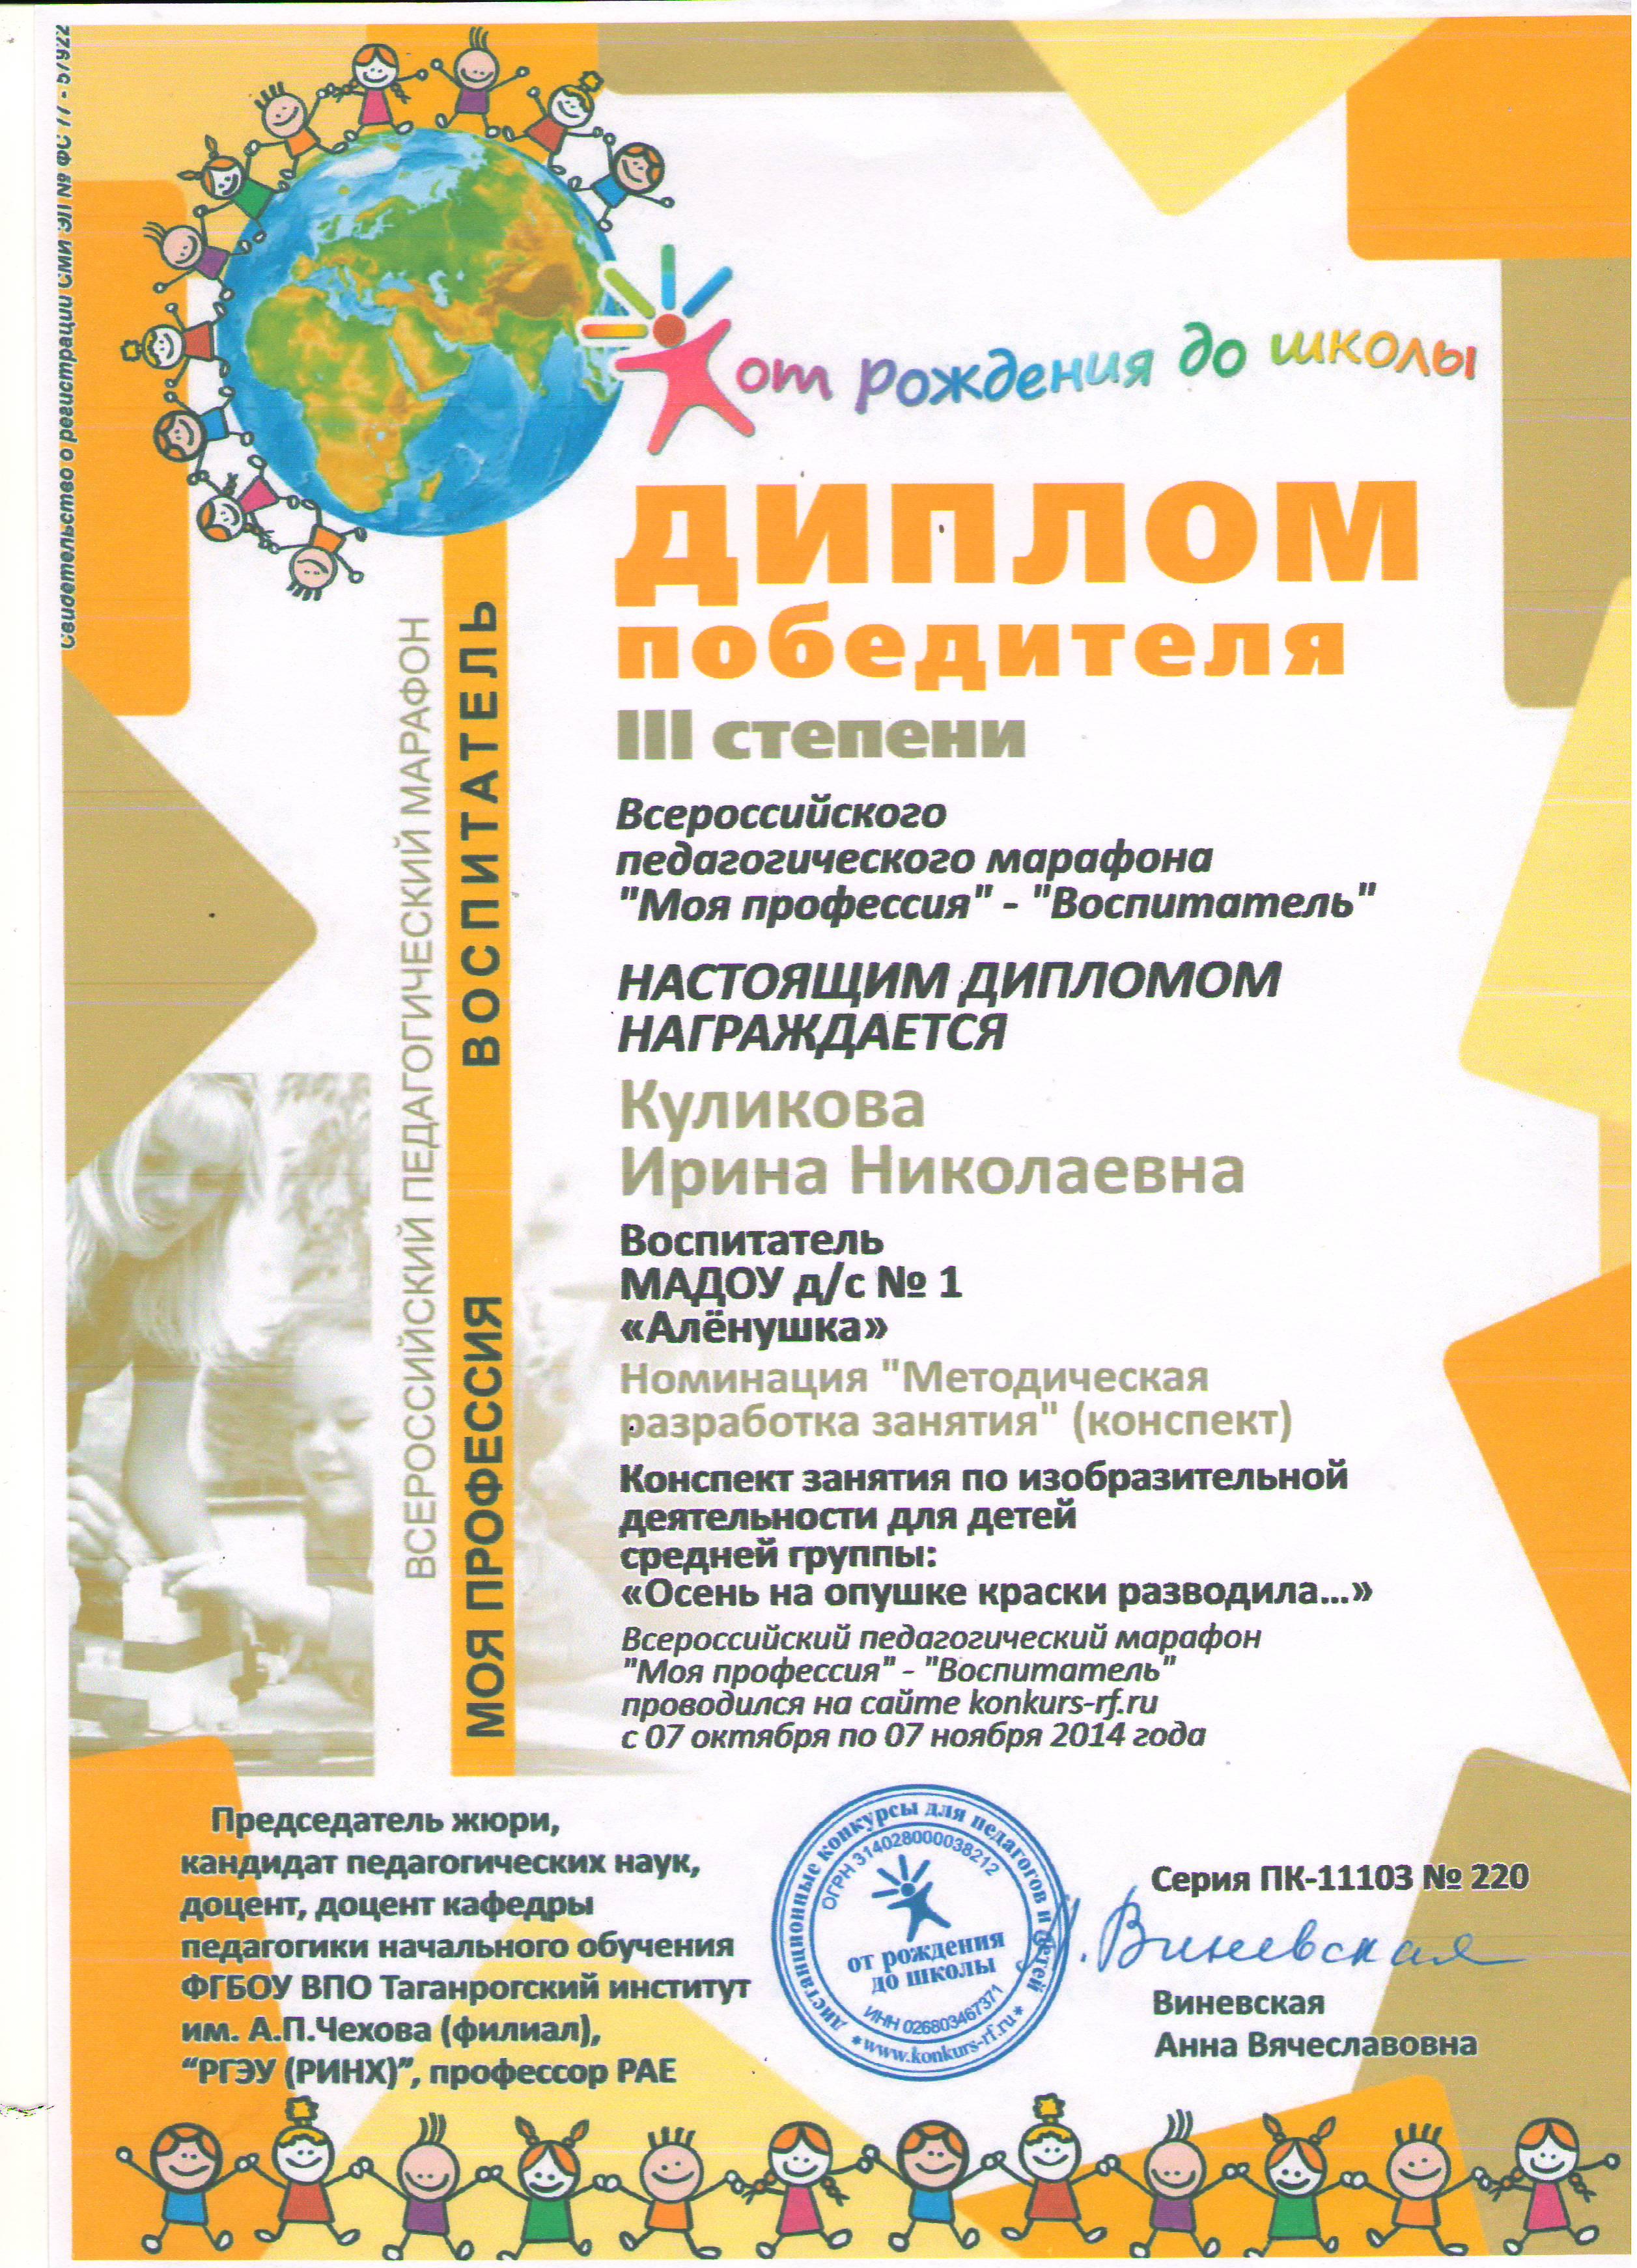 Конкурс педагогический марафон знаний